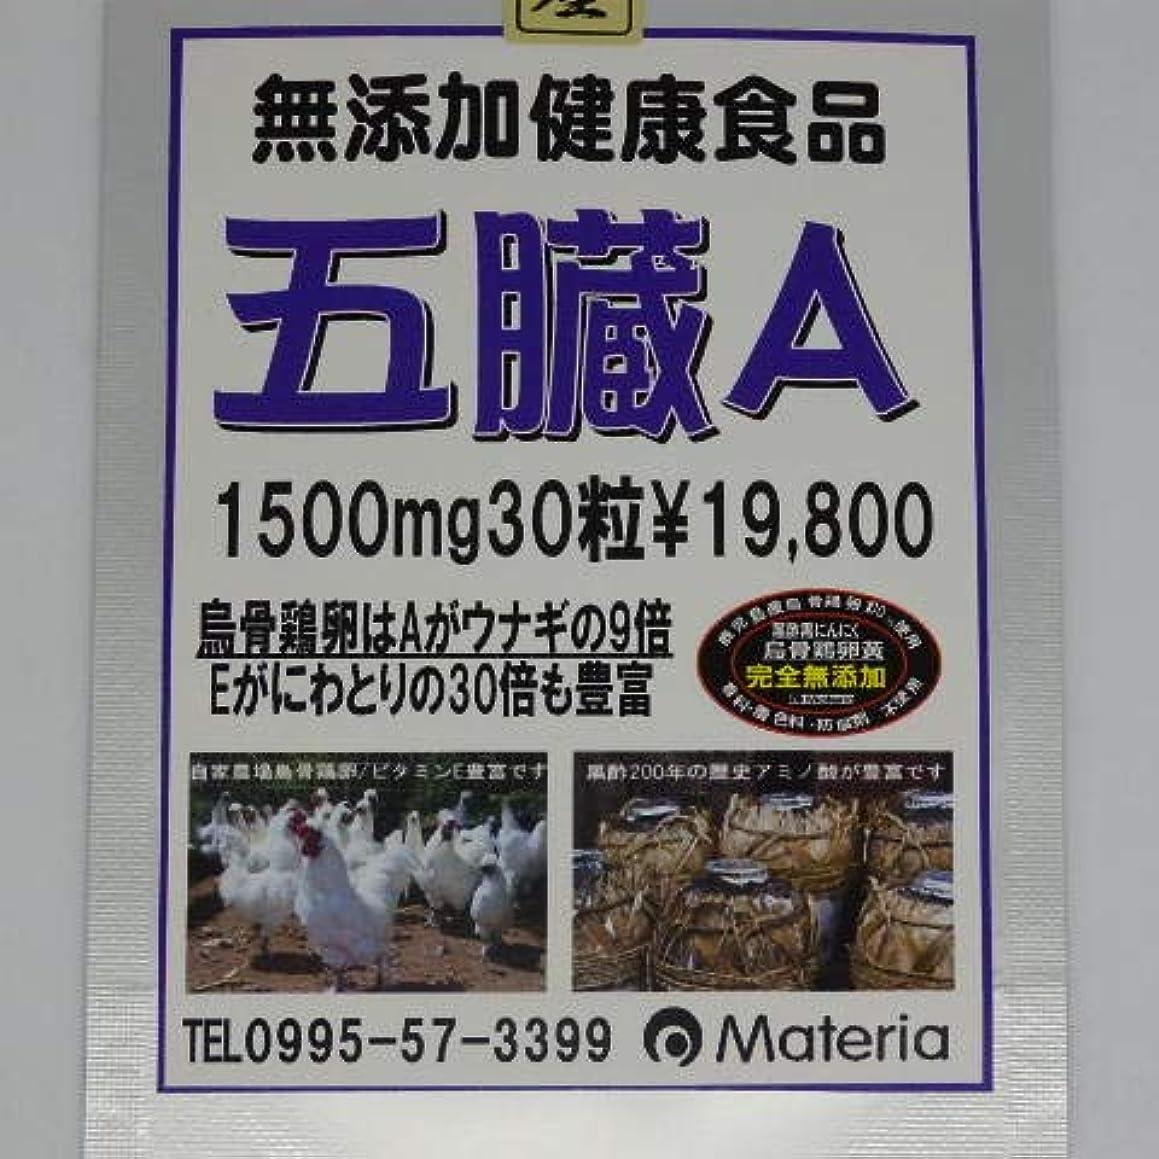 アンドリューハリディ雨の本質的ではない無添加健康食品/黒酢黒にんにく烏骨鶏卵黄五臓六腑A大玉(1500mg×30粒)30日¥19,800